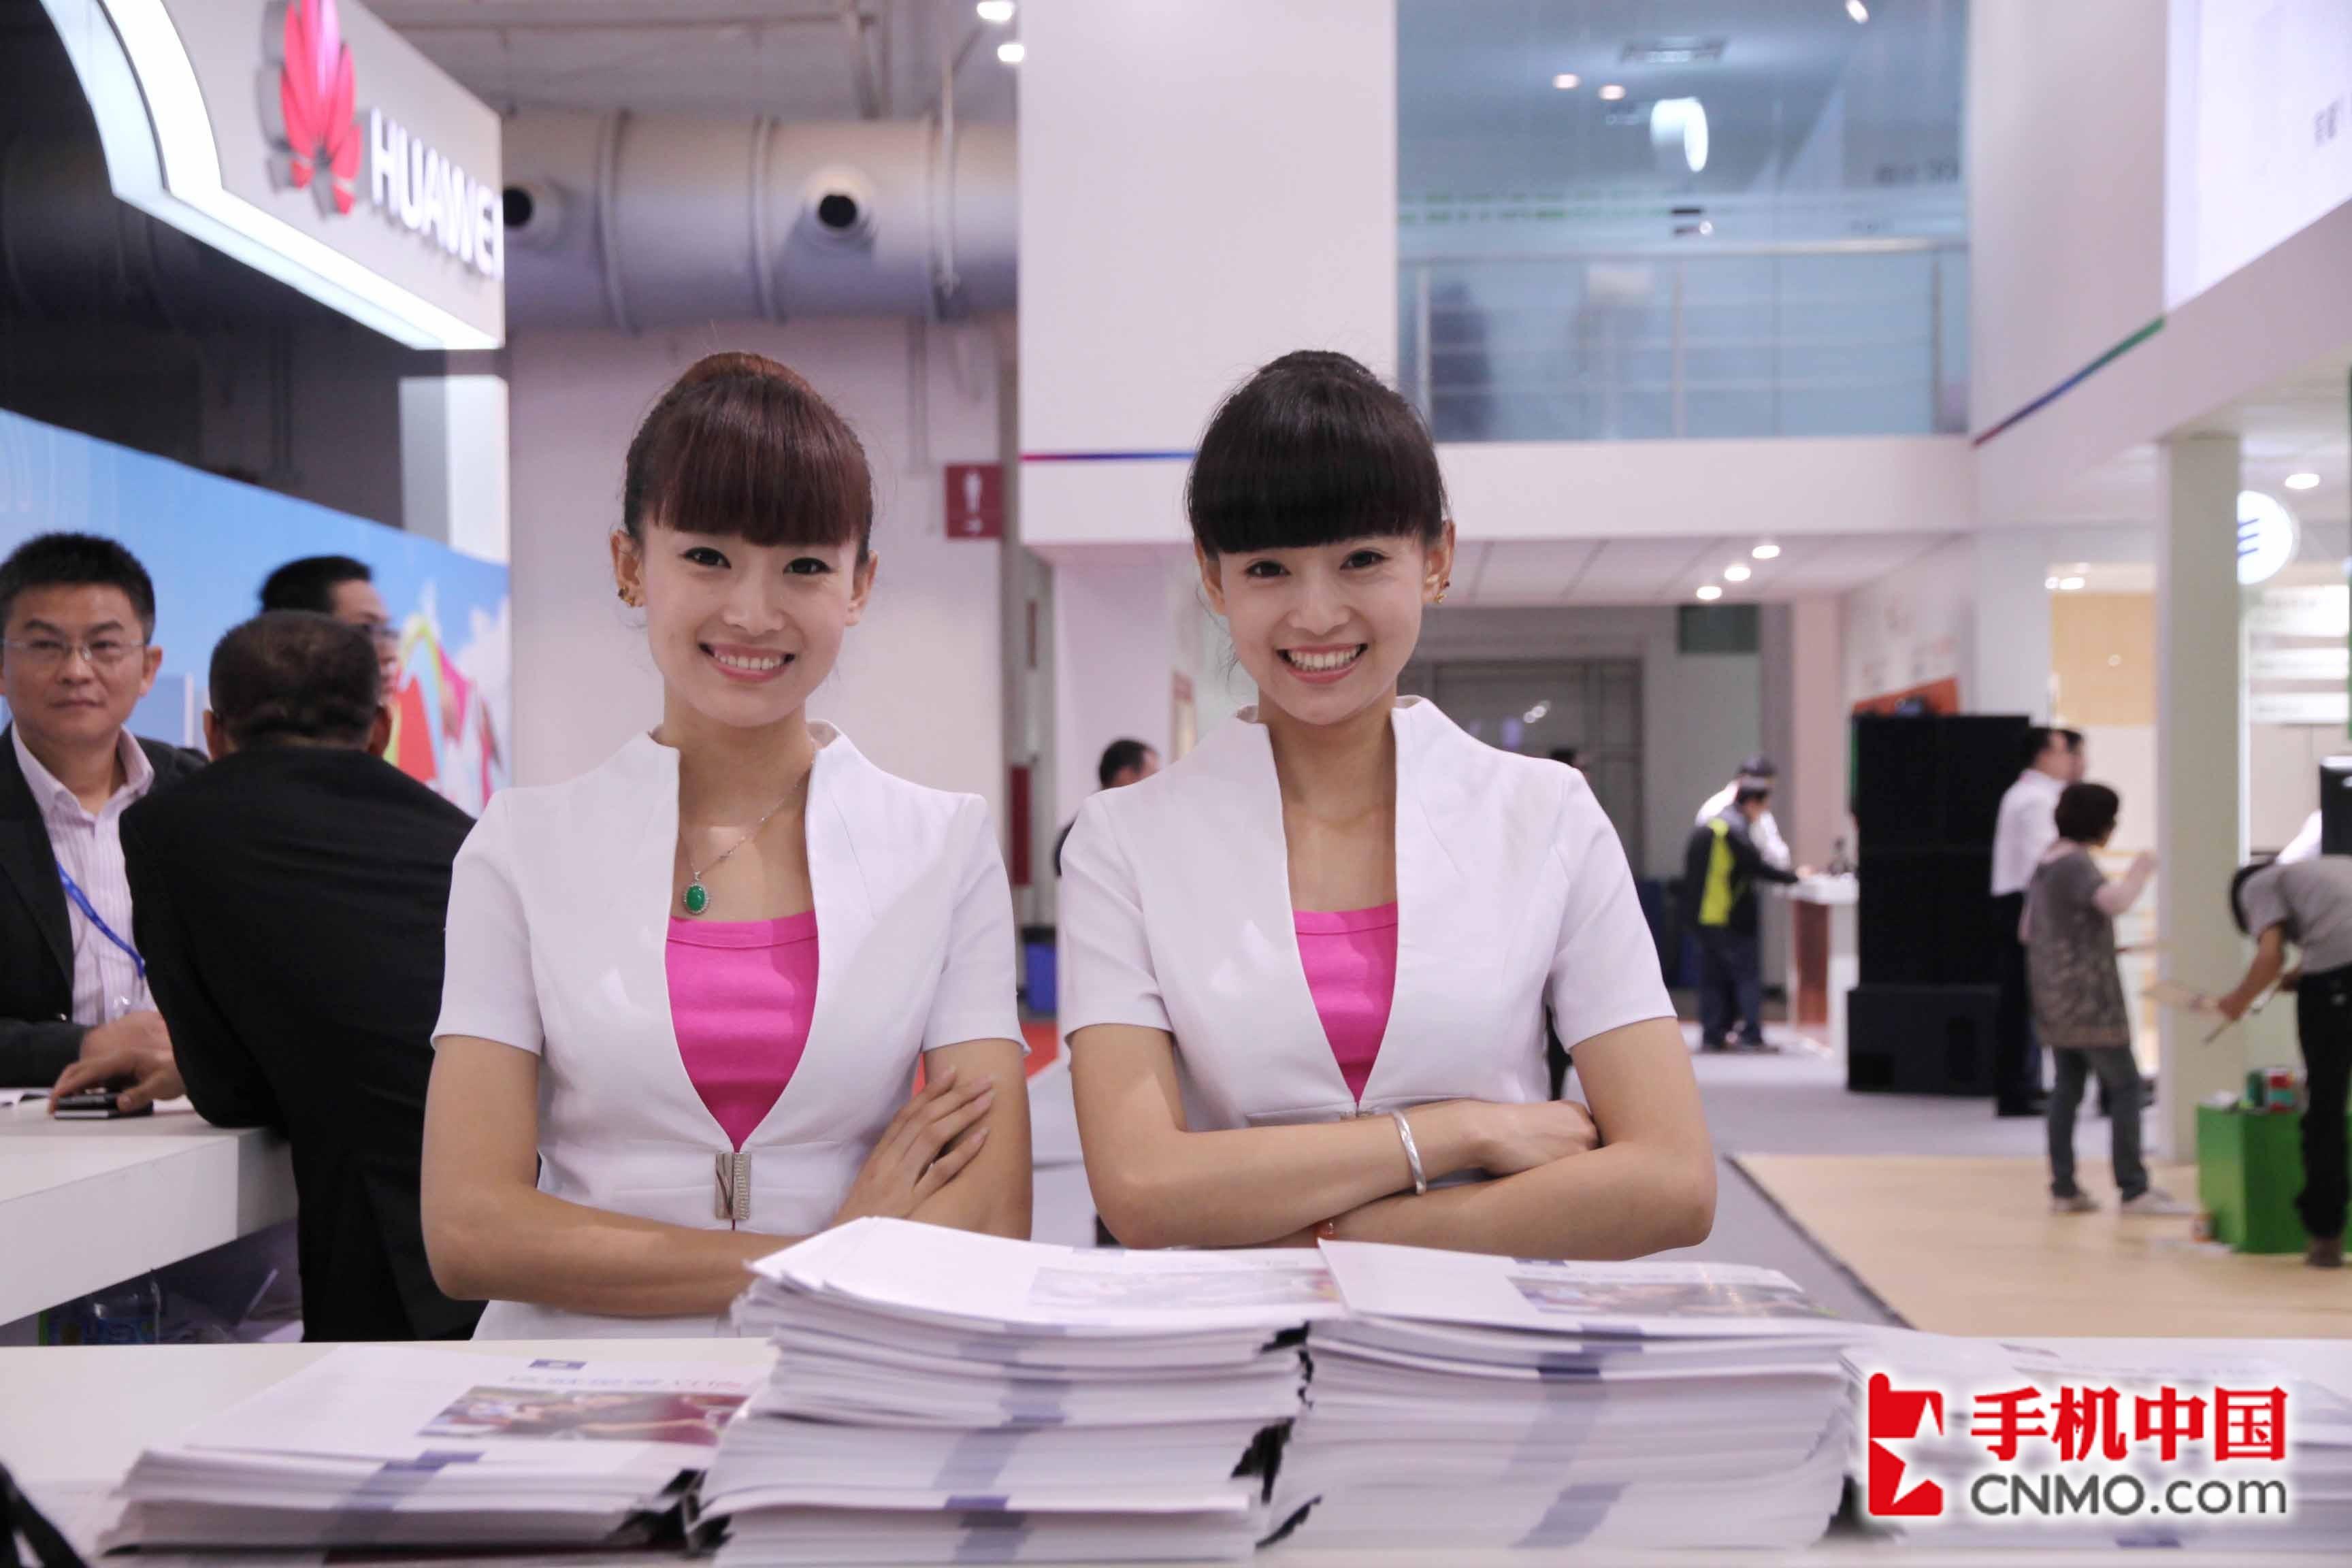 淫乱两姐妹之��/_net 双胞胎姐妹图片_双胞胎姐妹图片下载 3456 x 2304 jpeg 552kb www